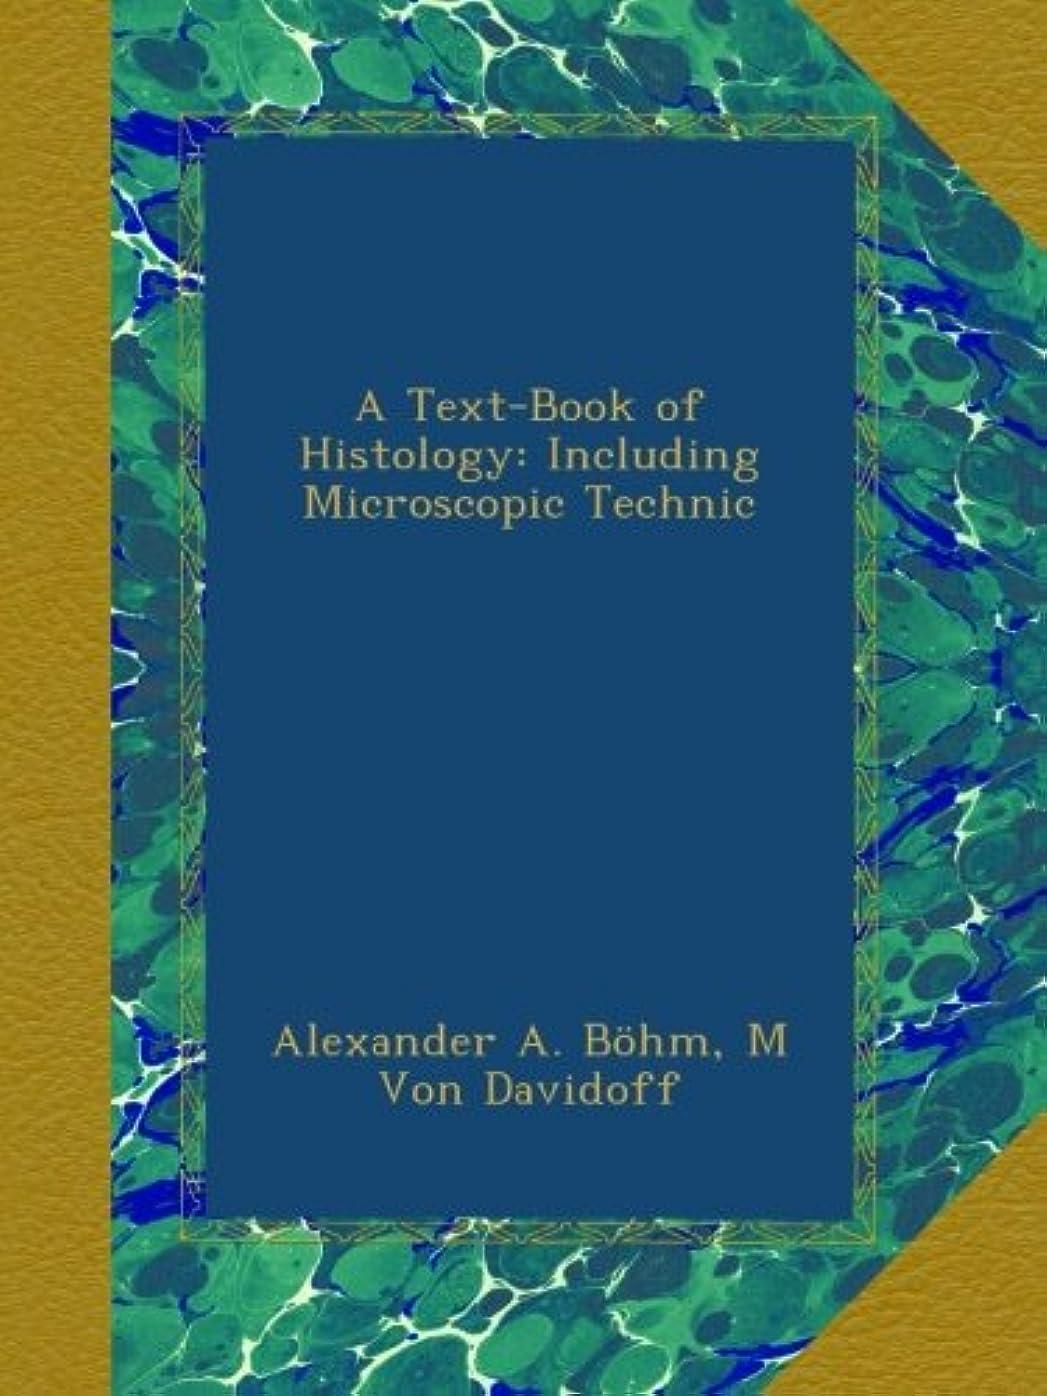 文明化する球状疑い者A Text-Book of Histology: Including Microscopic Technic